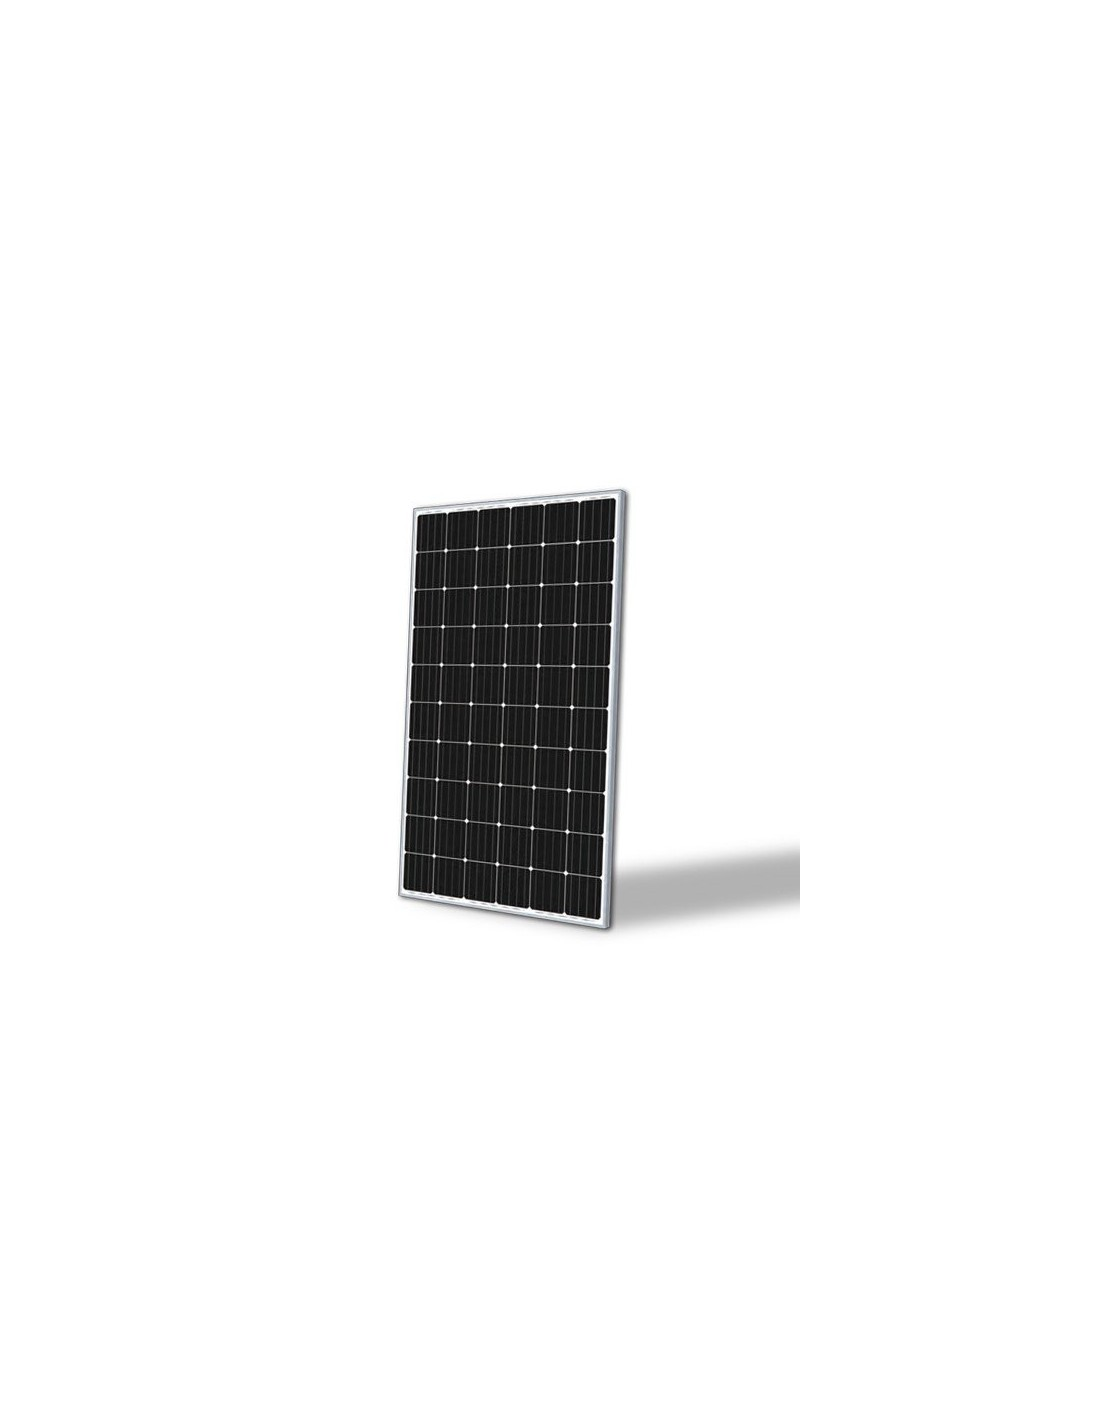 Pannello Solare Da Casa : Pannello solare fotovoltaico w v monocristallino casa